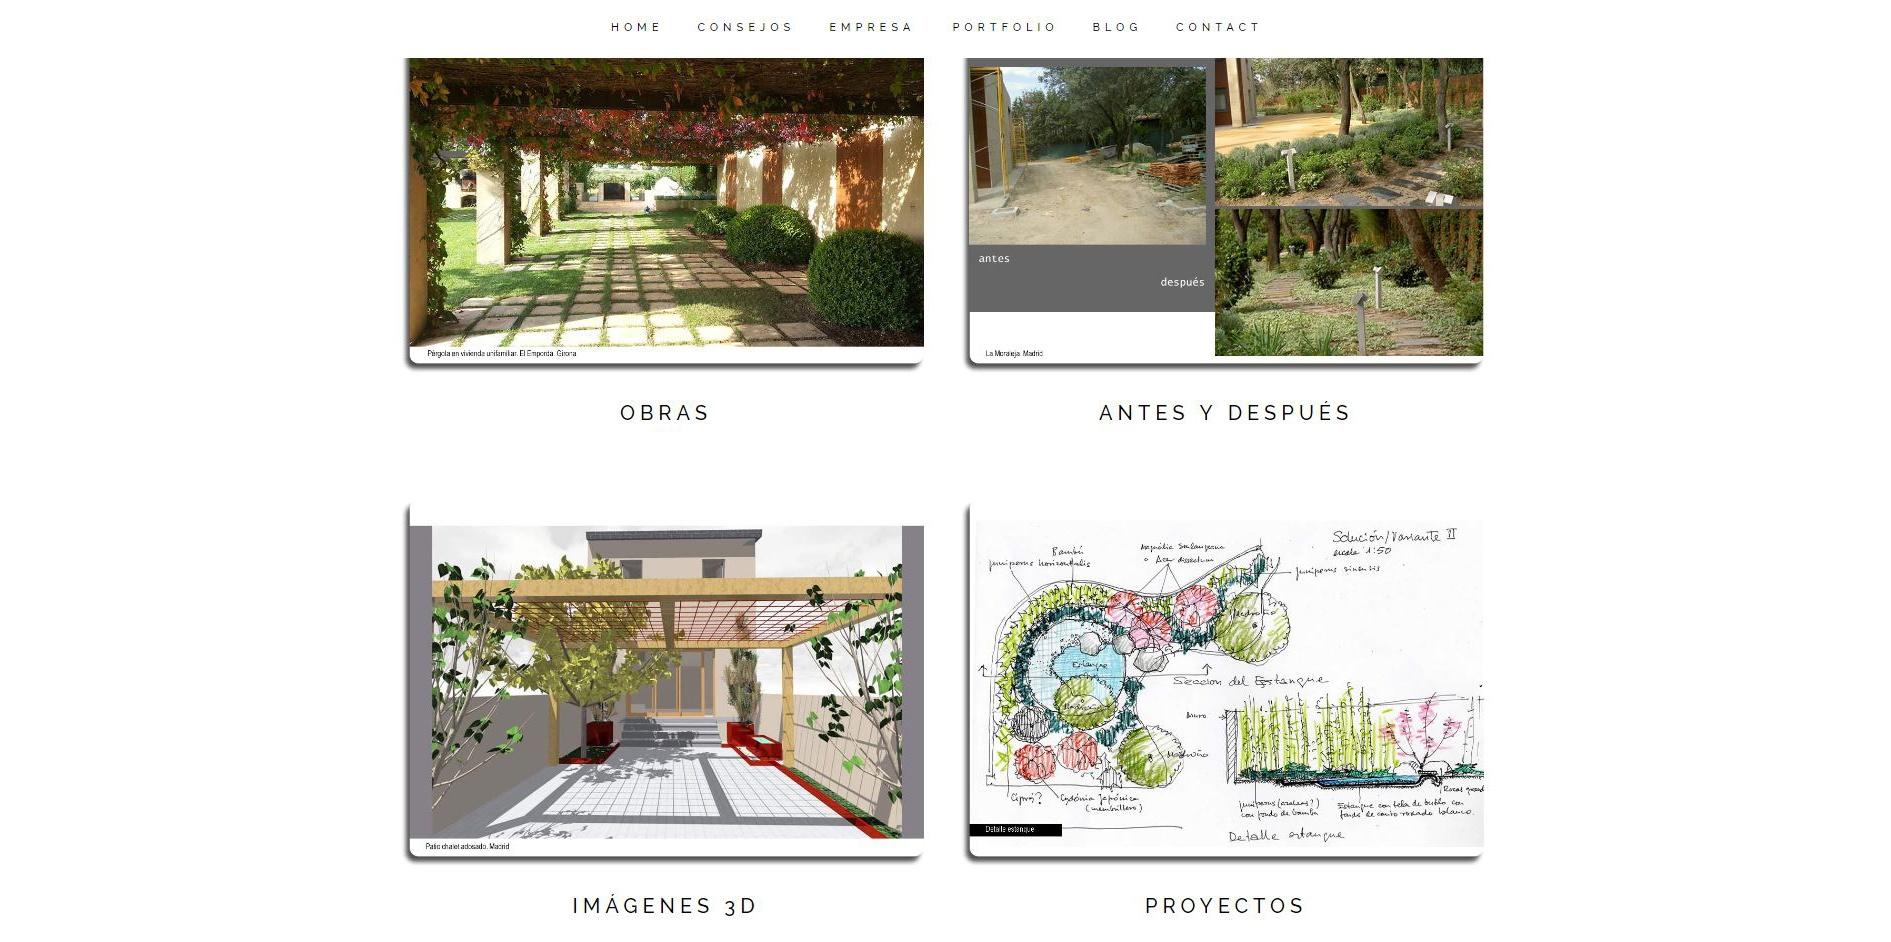 web_iglesiaspaisajismo-portfolio